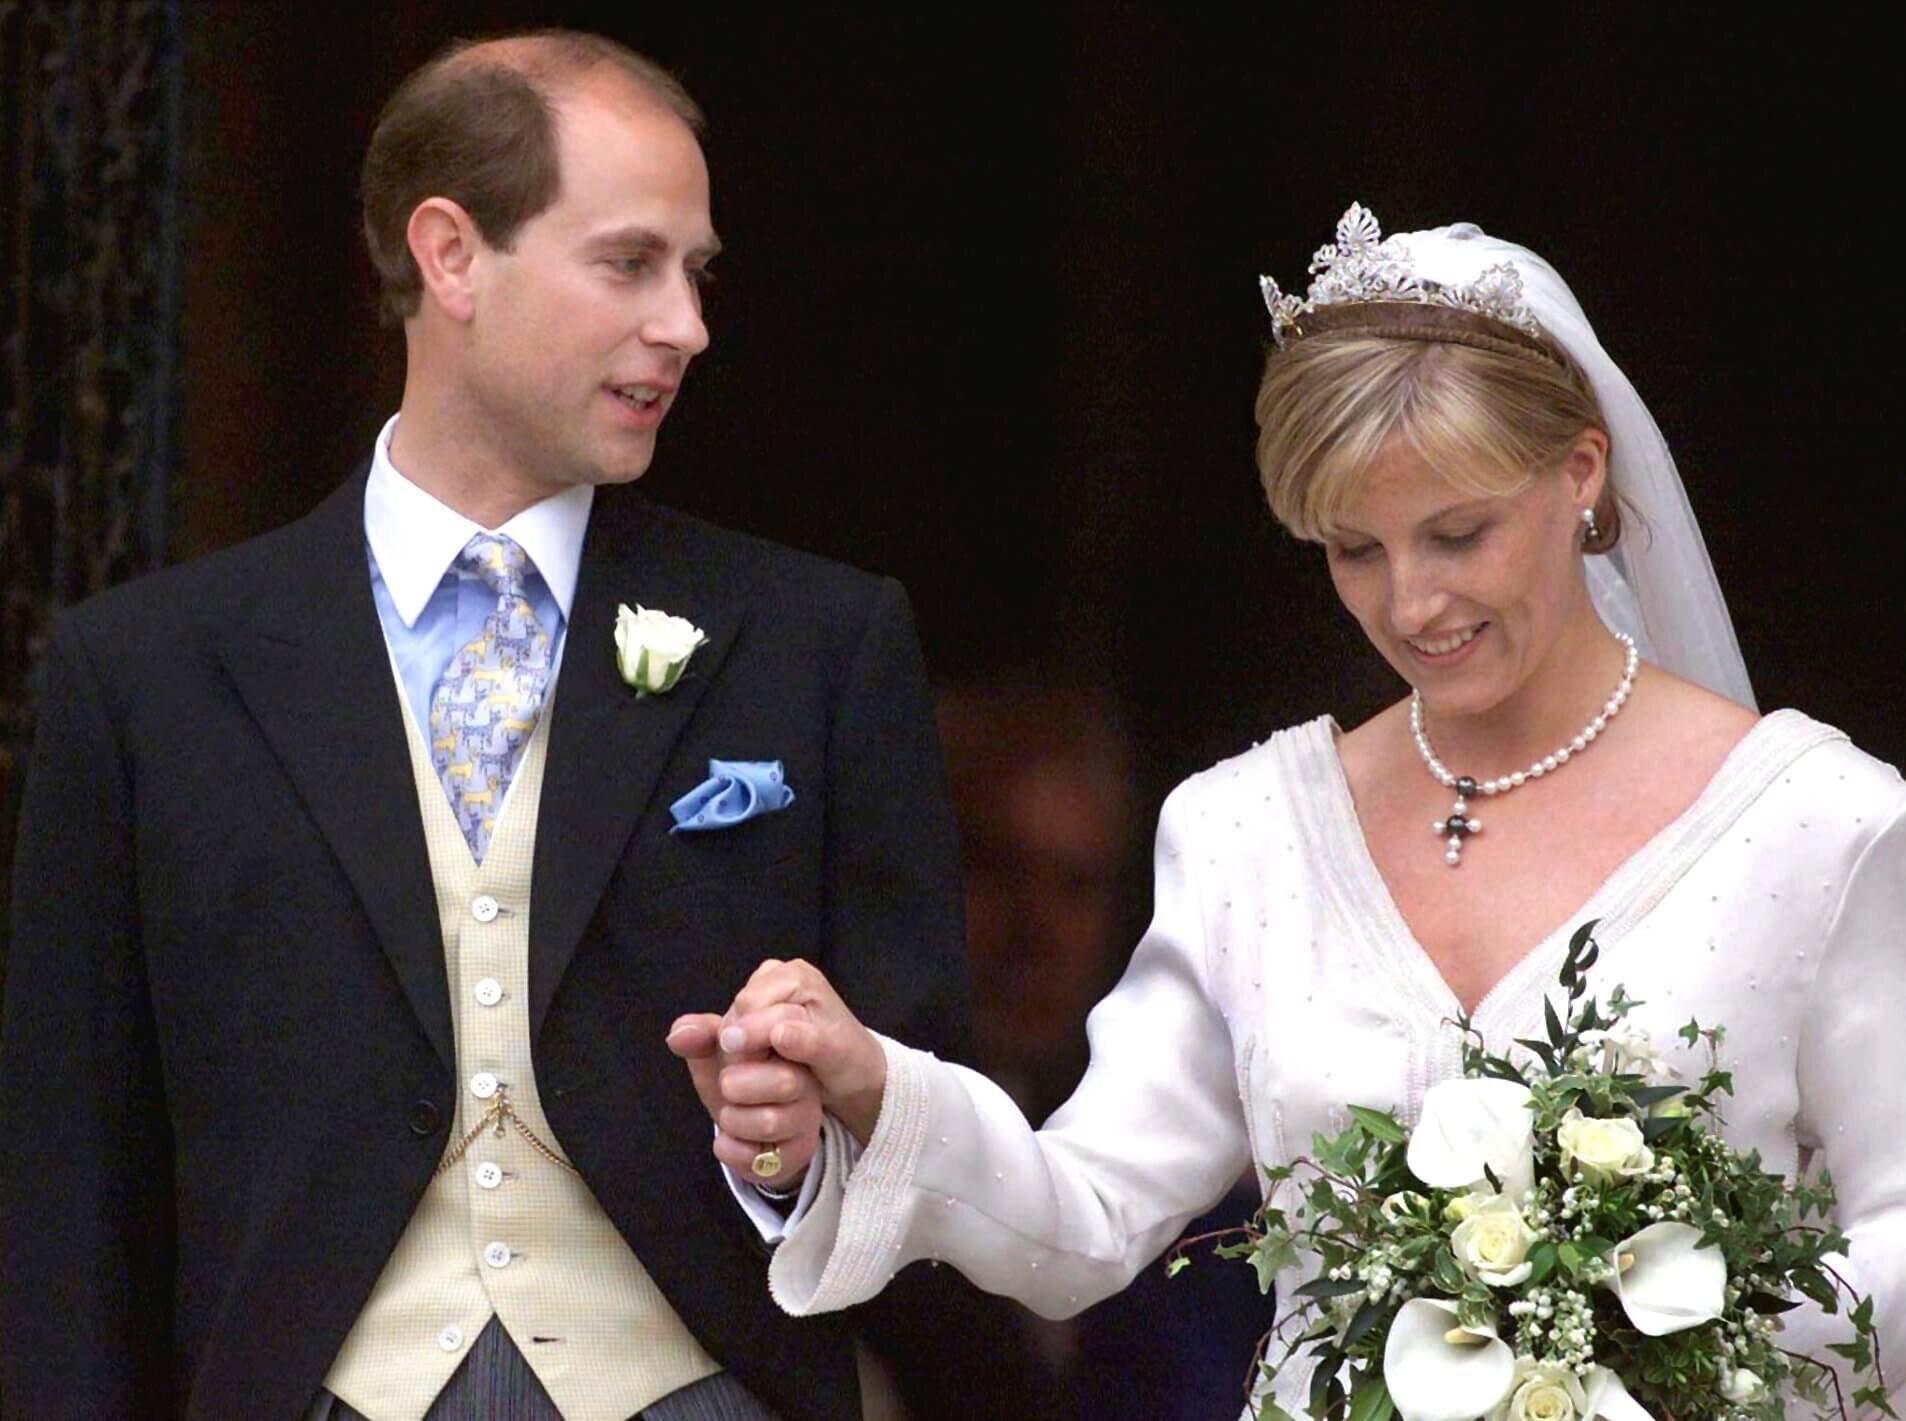 Prinz Edward hat eine Schwäche für Katzen-Krawatten. Nicht nur bei seiner eigenen Hochzeit trug er einen derartigen Schlips, sondern auch bei dem Jawort von Prinz Harry und Herzogin Meghan. © dpa - Fotoreport